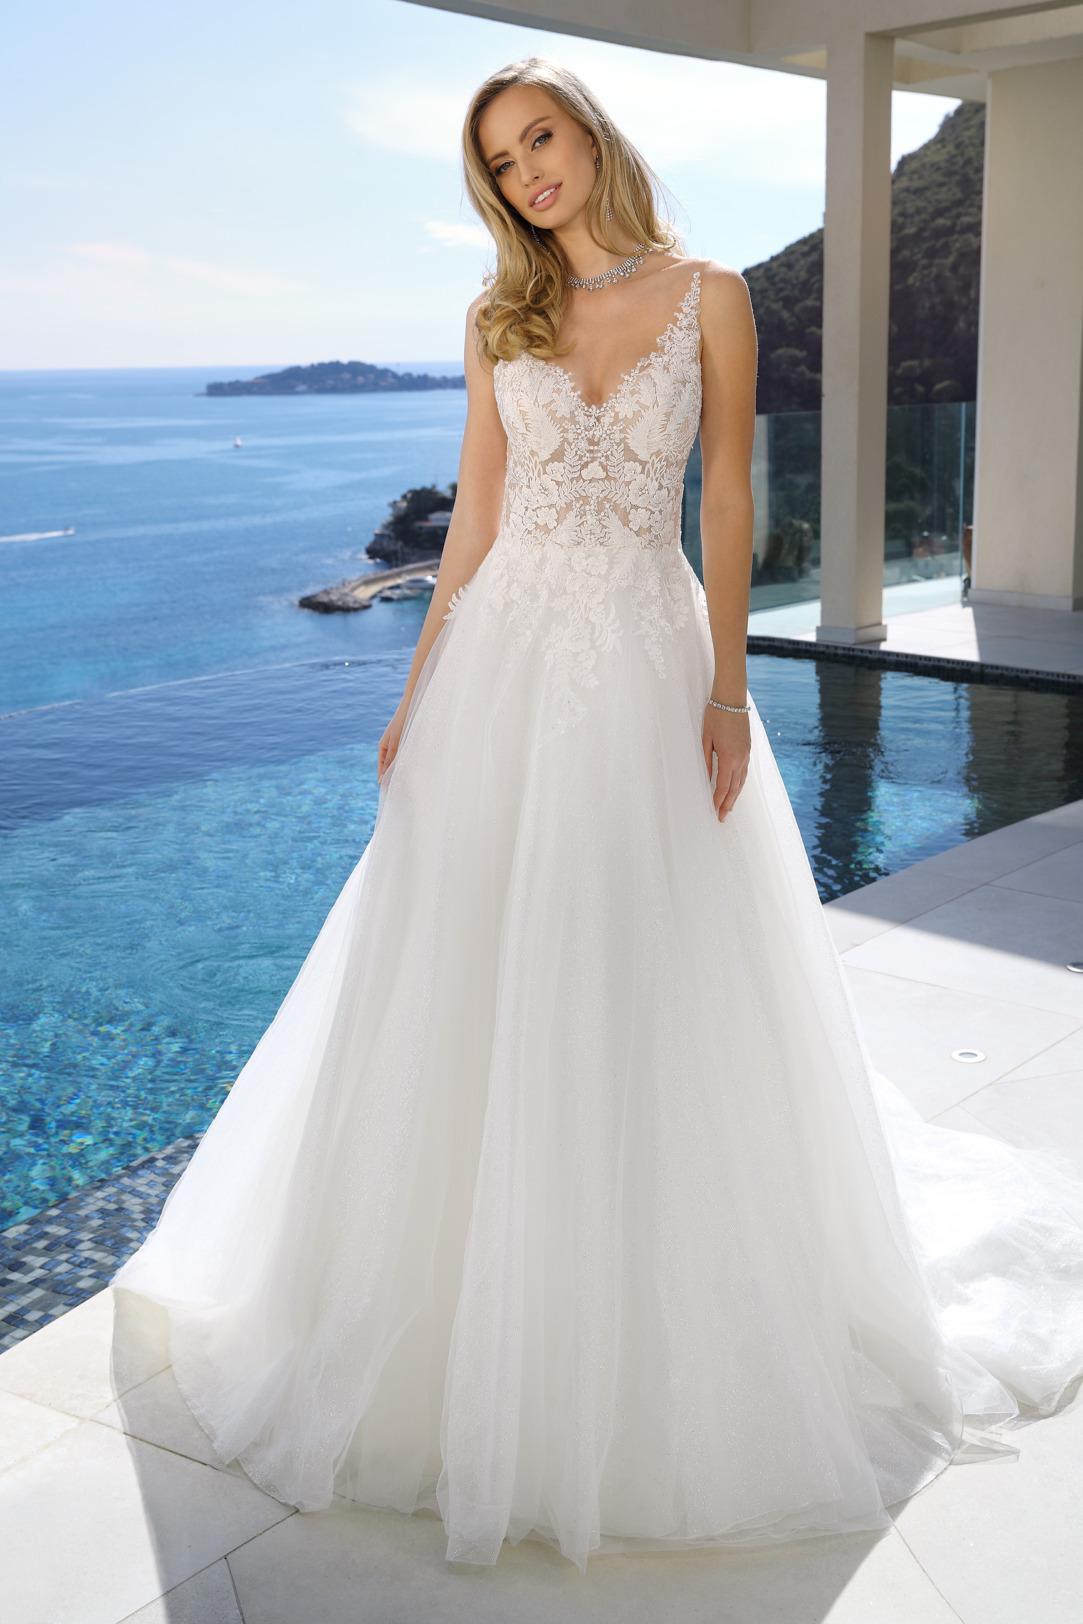 Brautkleid in A-Linie mit V Ausschnitt - Hochzeitskleid von Ladybird Modell 321045. Traumhafte Spitze, vorwiegend im Oberteil